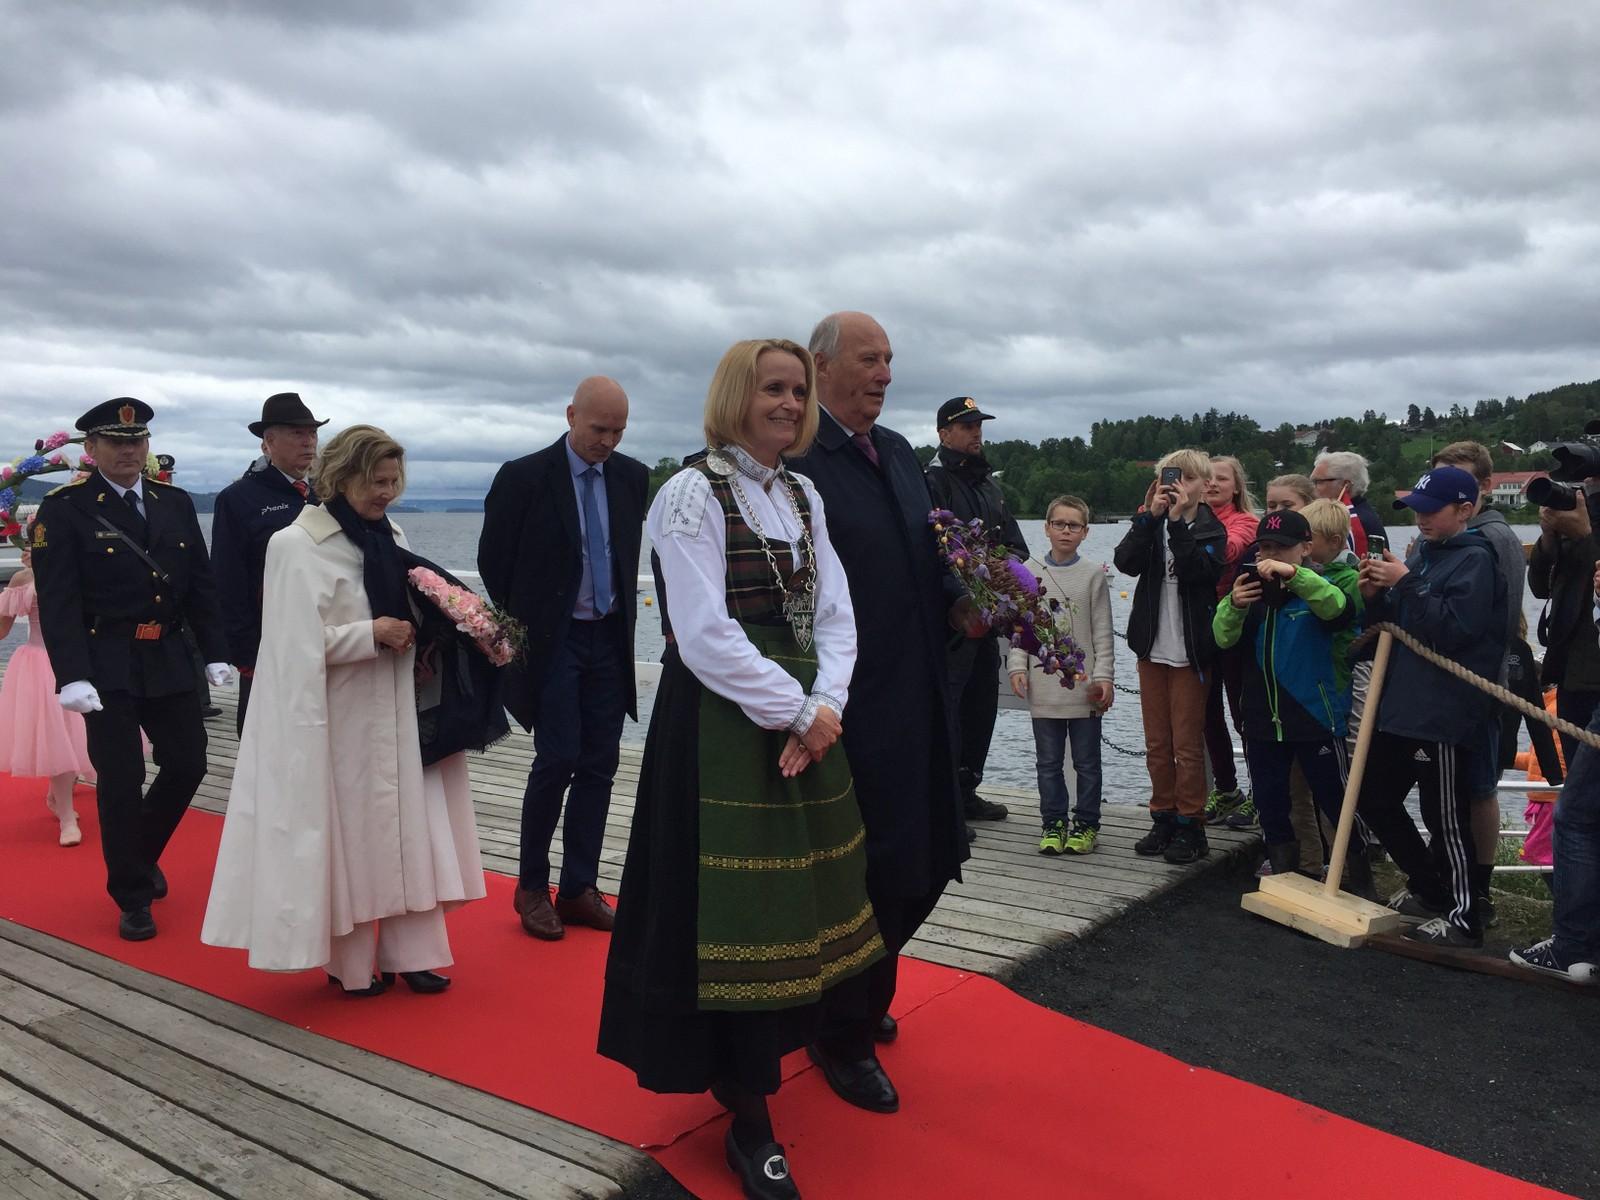 Skibladner fraktet kongeparet over til Kapp. Det var første gang de besøkte Østre Toten, og ordfører Guri Bråthen syntes det var veldig hyggelig å få besøk.